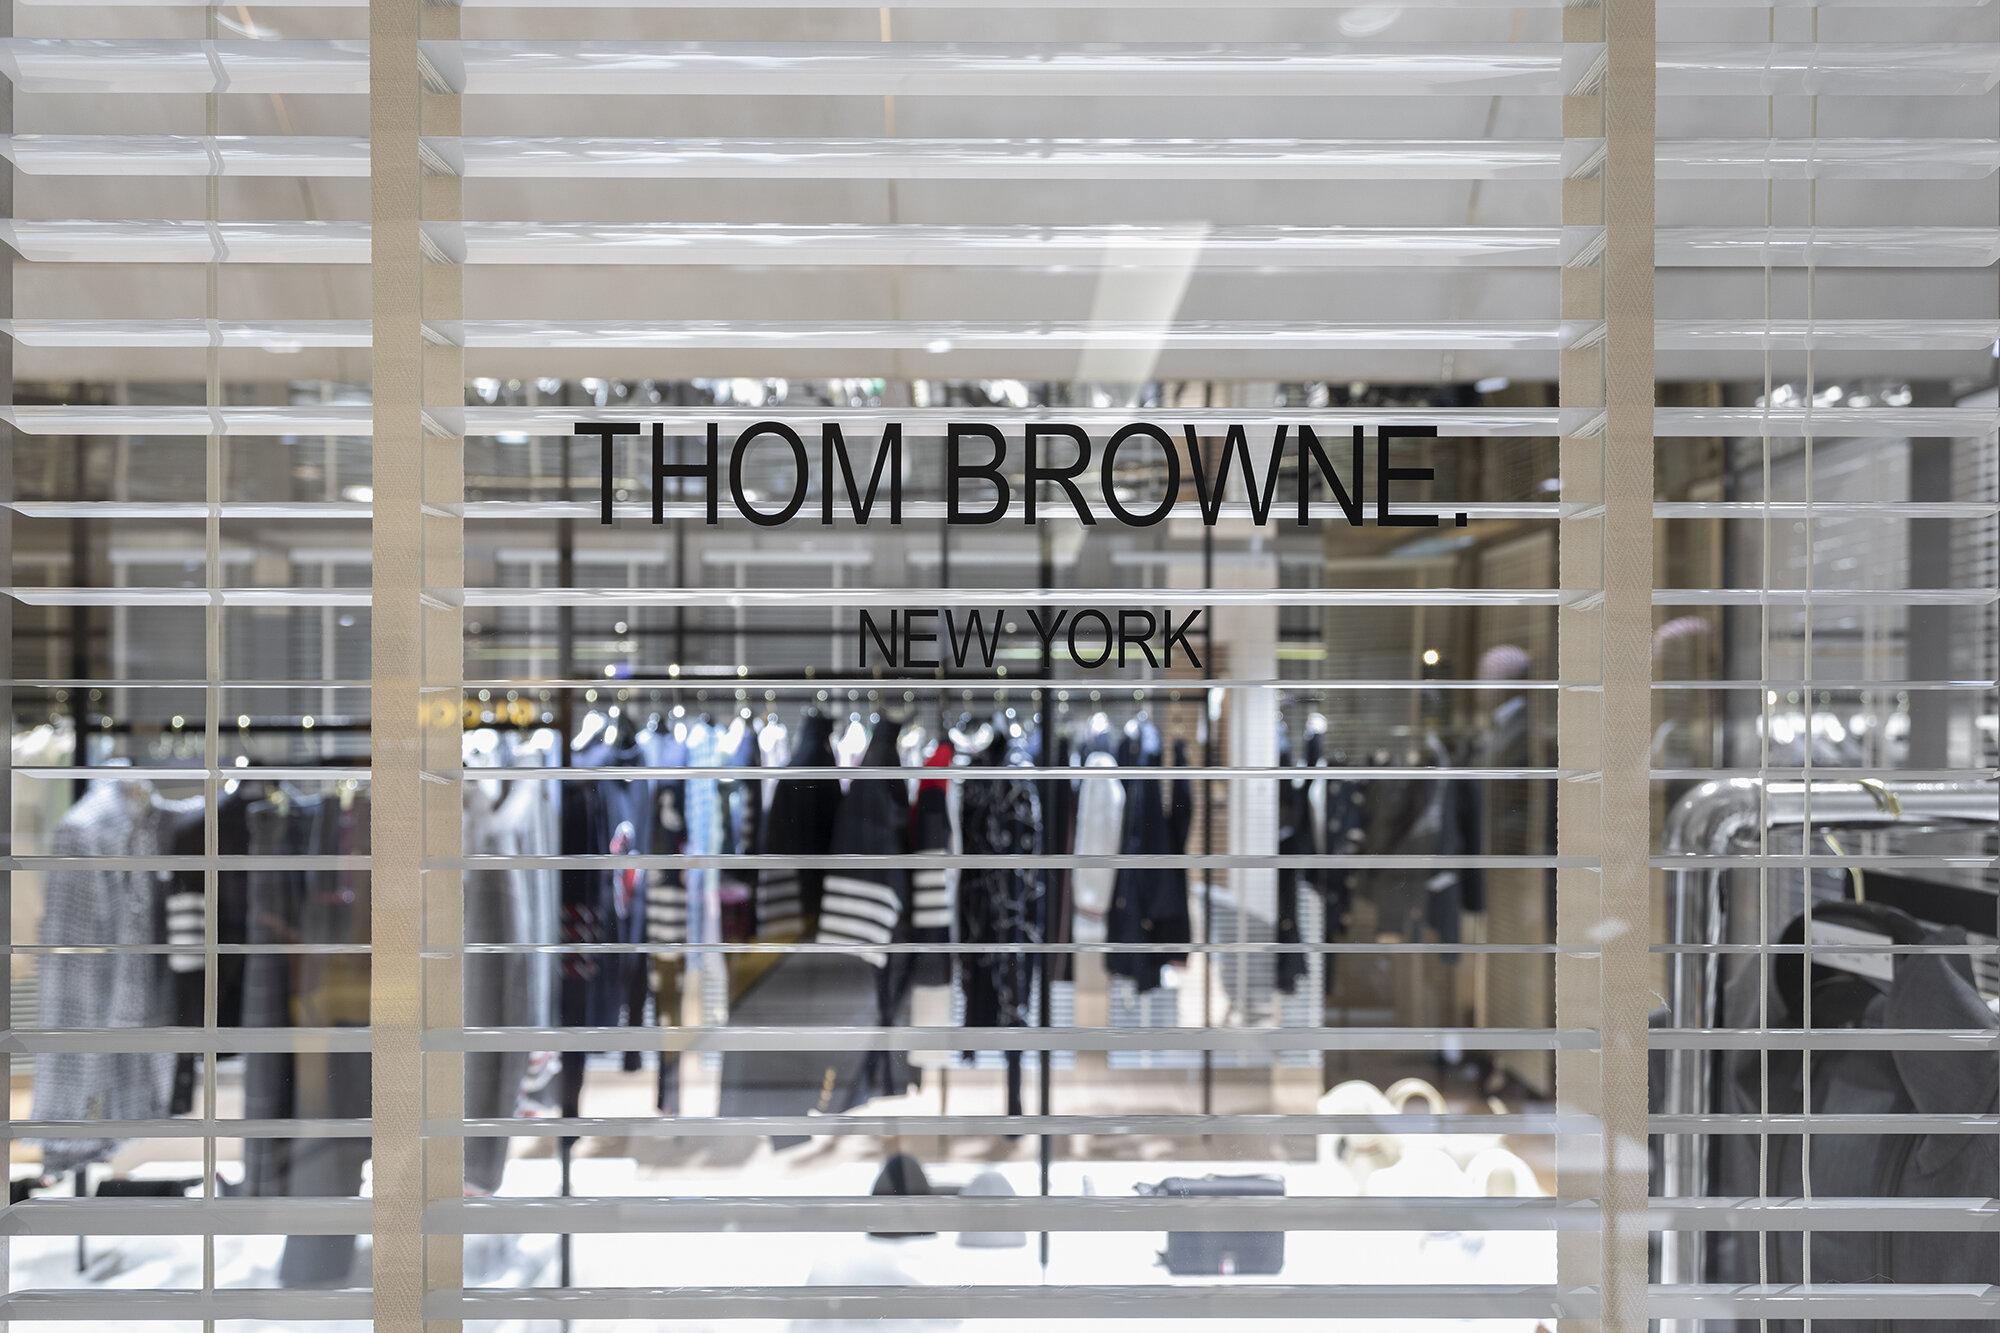 AH_Thom Browne Popup_03_s.jpg